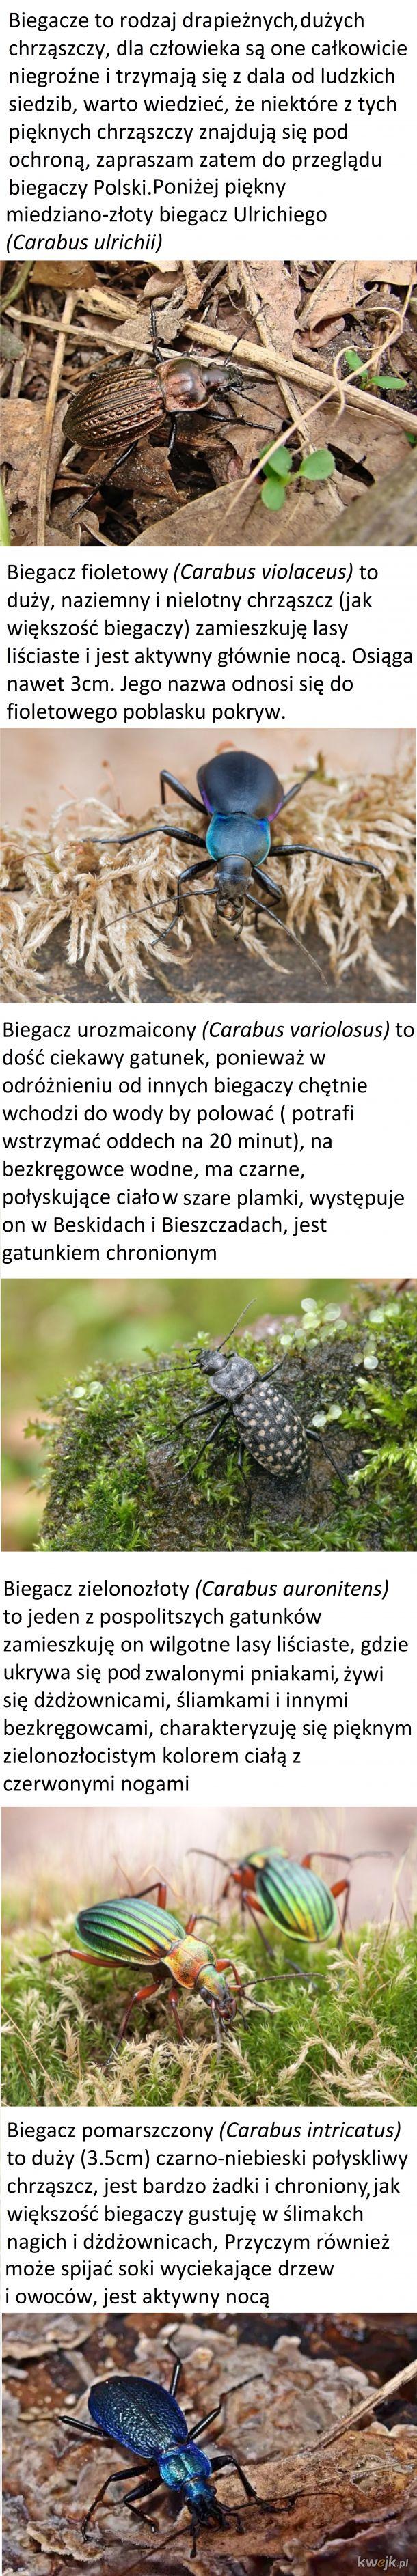 Biegacze Polski